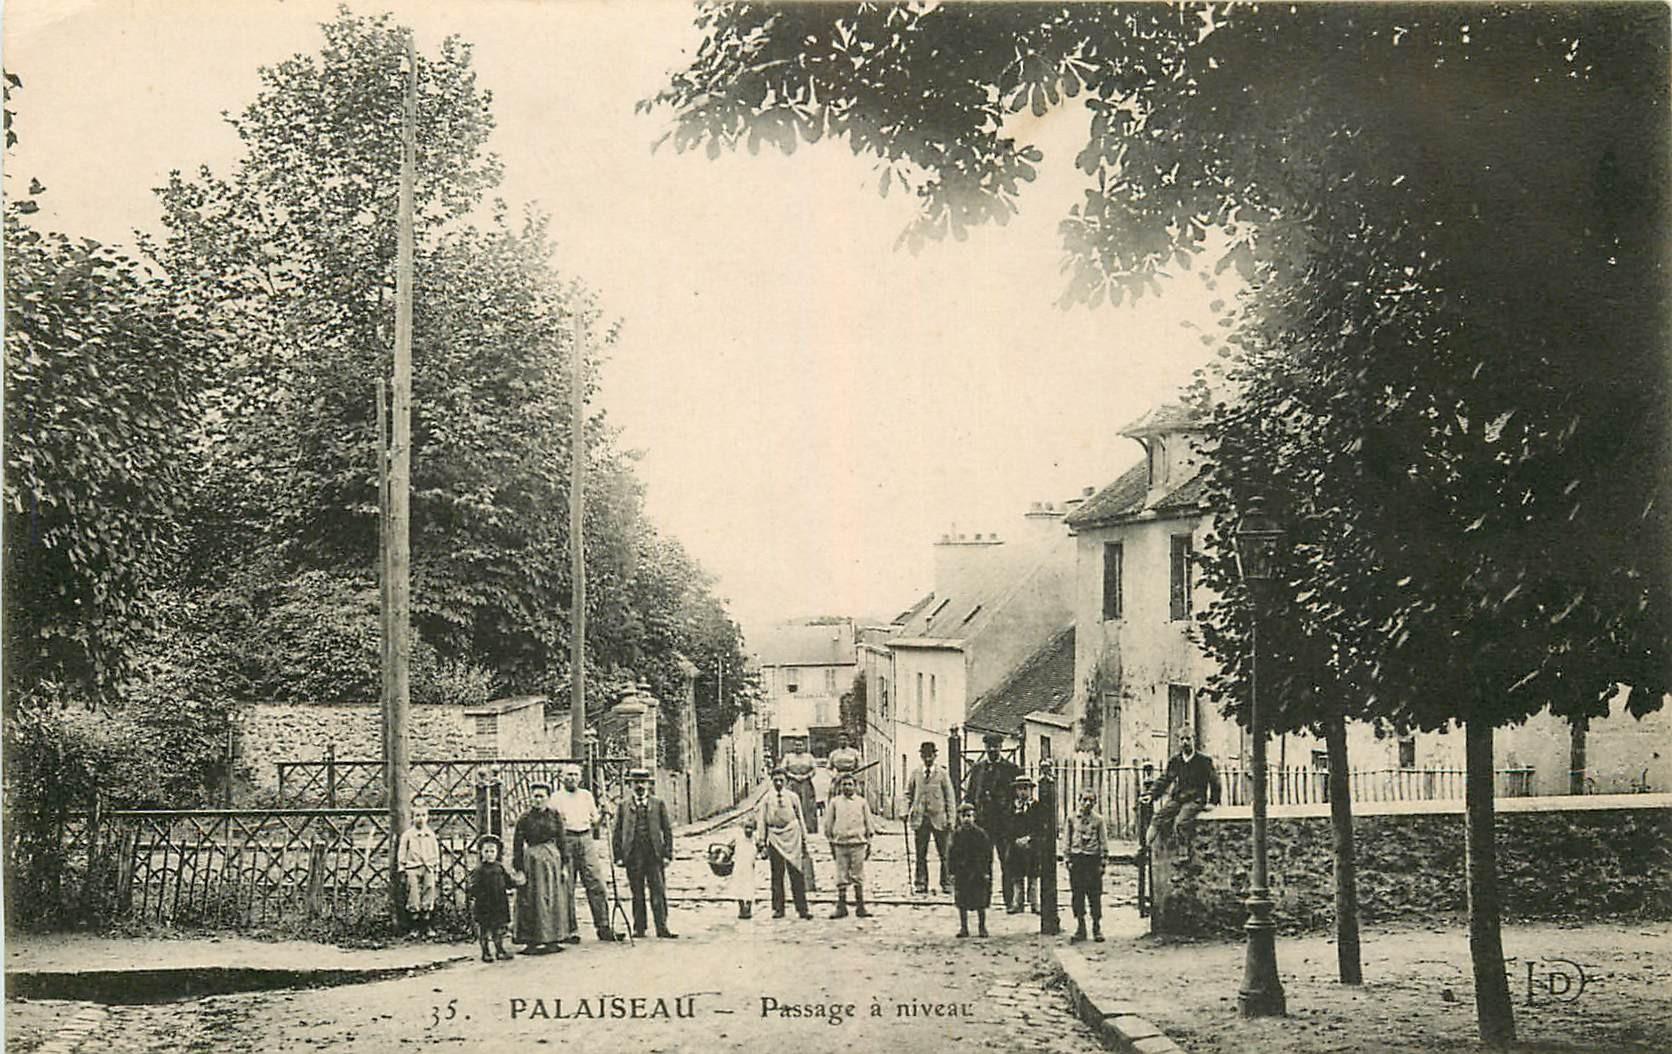 WW 91 PALAISEAU. Passage à niveau 1920